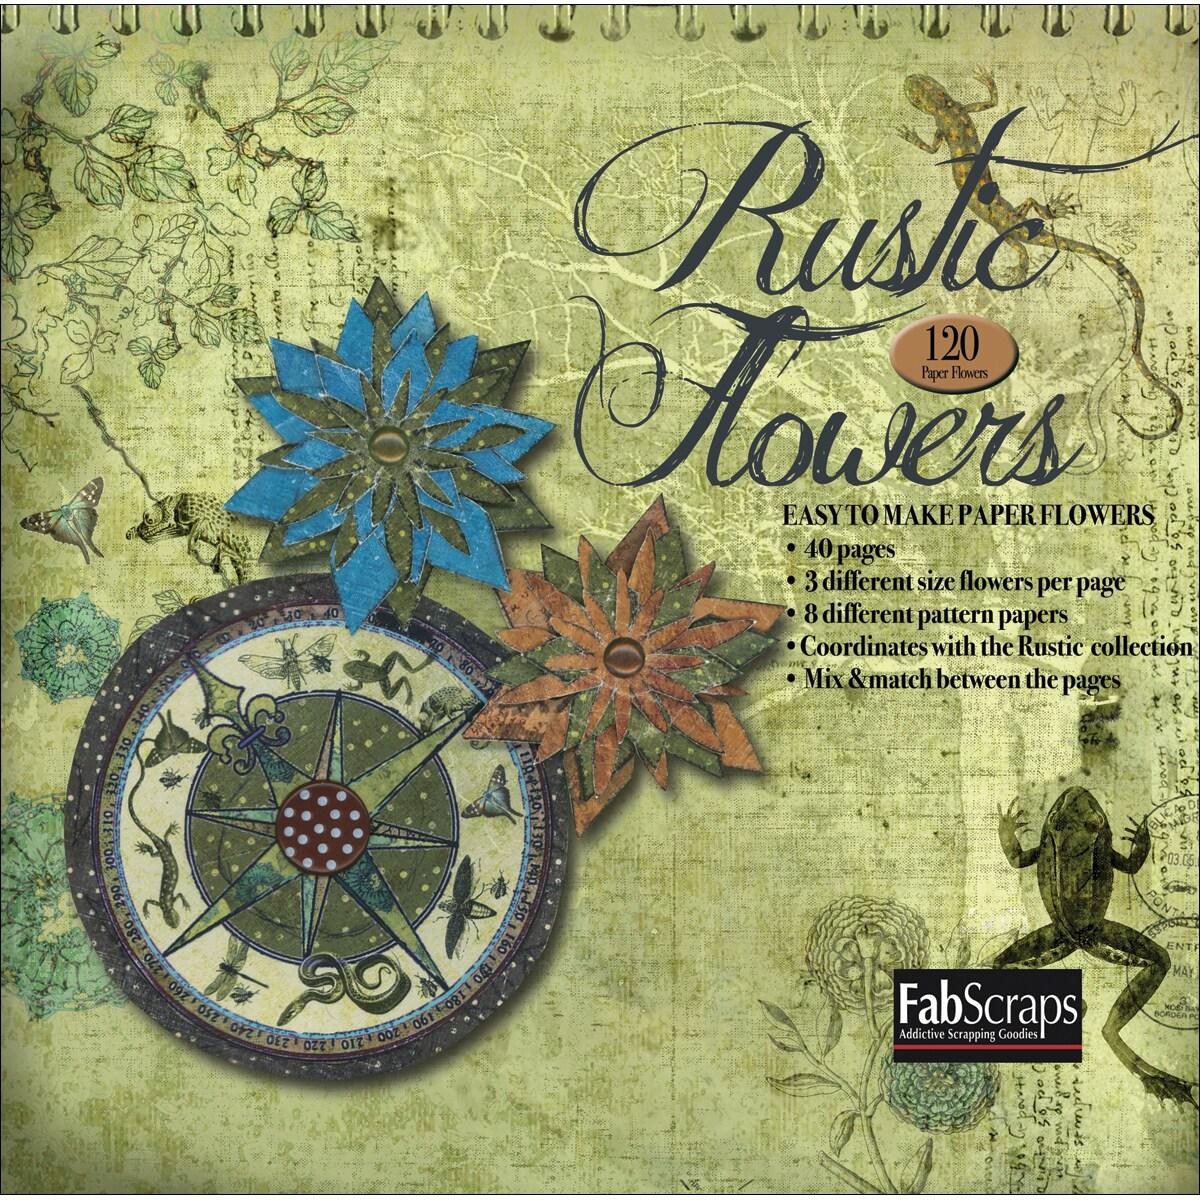 Fabscraps Rustic Paper Flowers Die-cut Pad - Makes 120 Flowers